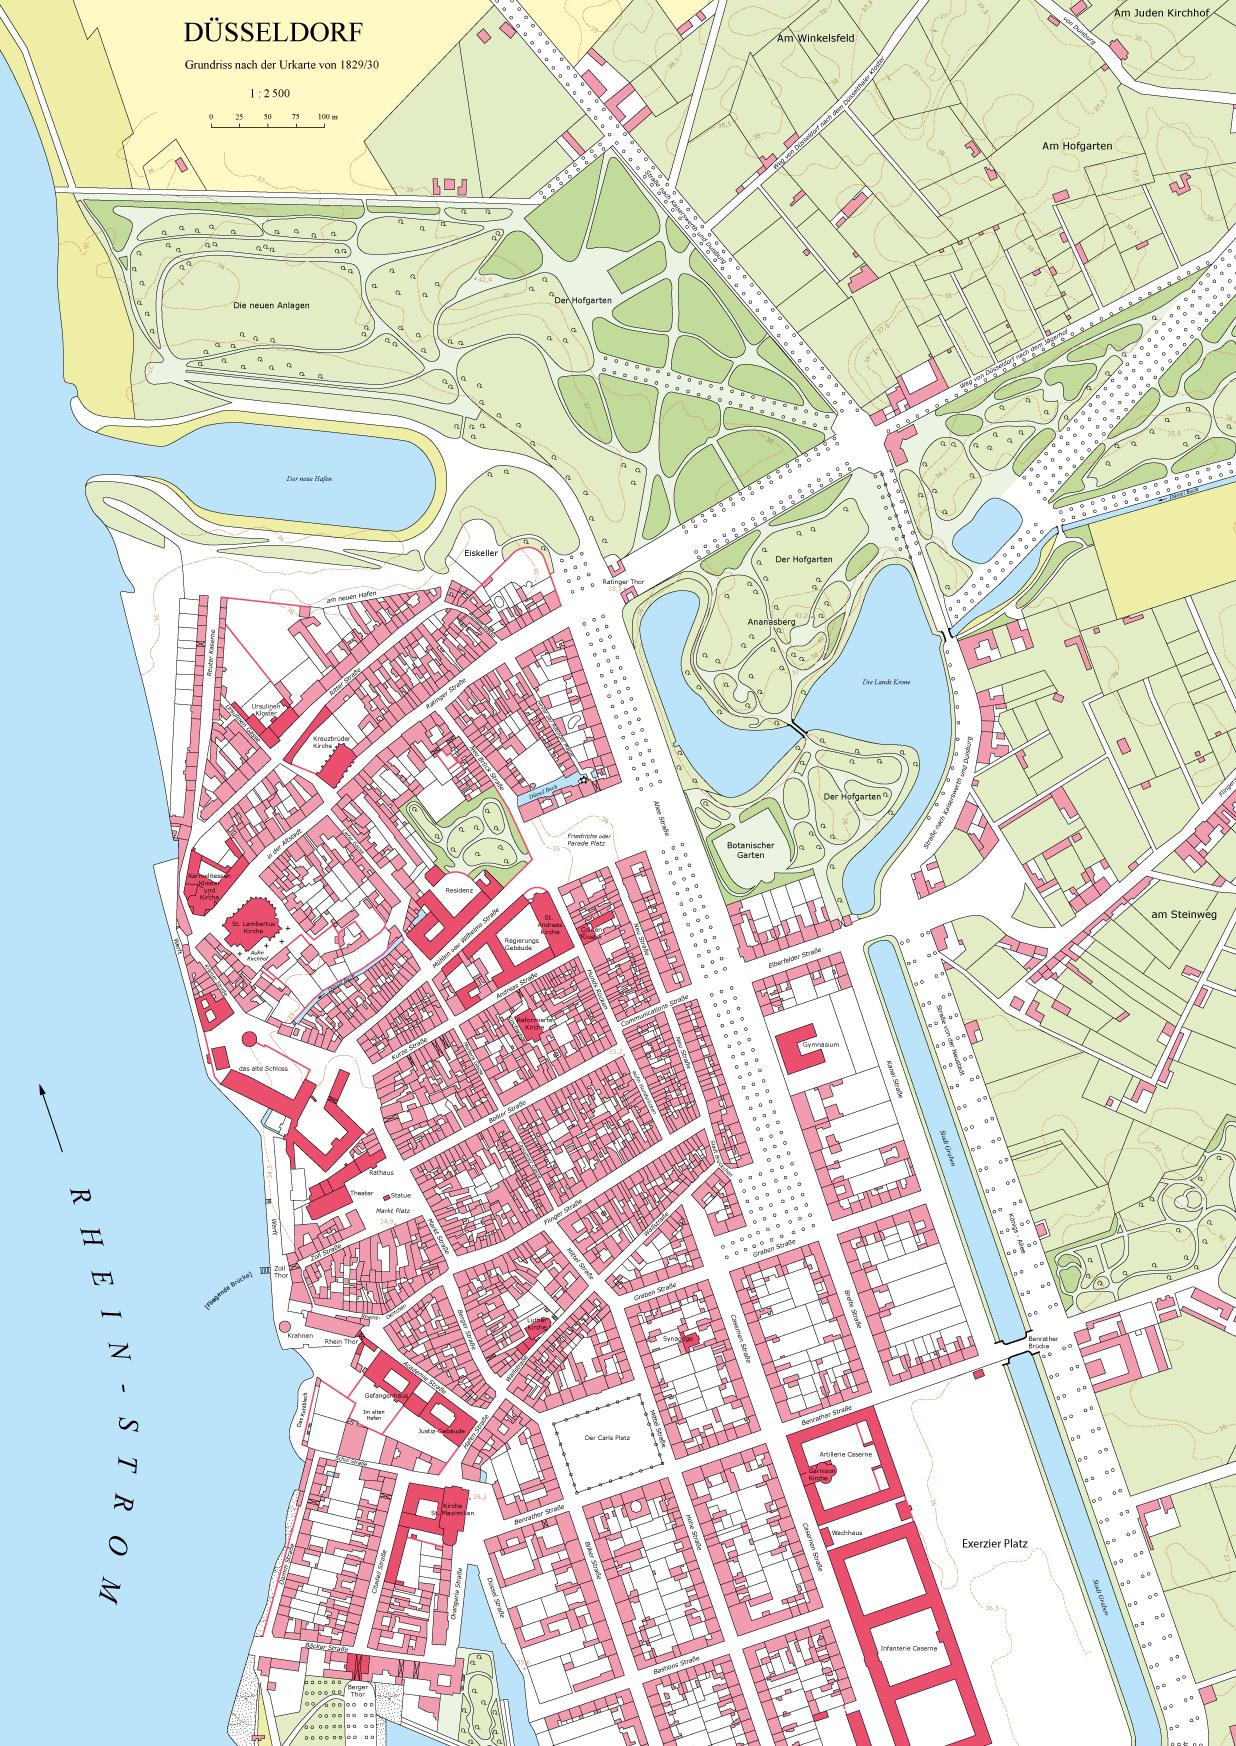 Düsseldorf Karte.Düsseldorf Institut Für Landeskunde Und Regionalgeschichte